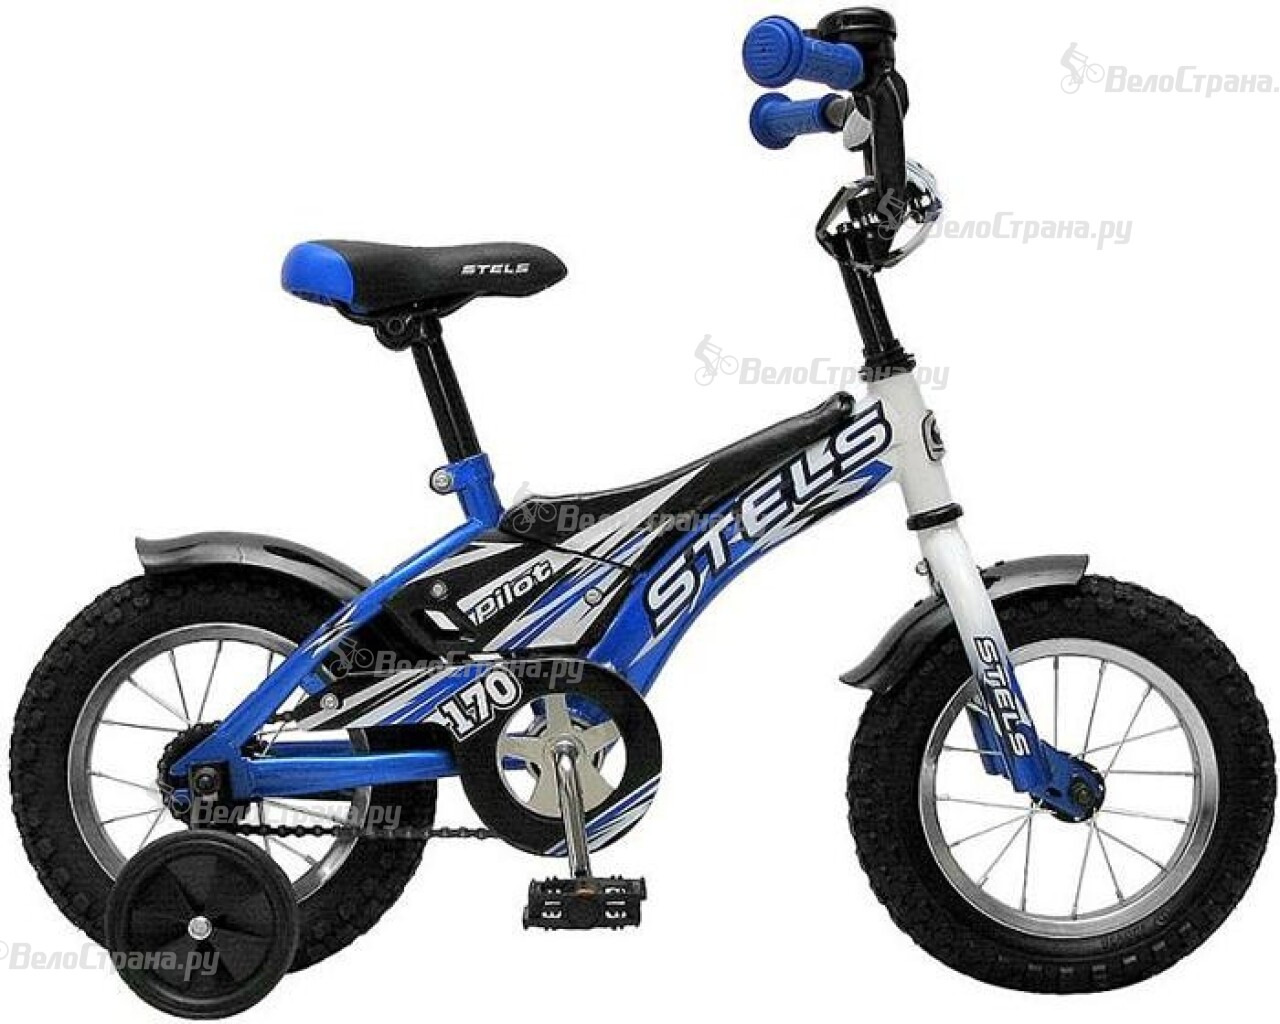 Велосипед Stels Pilot 170 12 (2015) велосипед stels pilot 240 girl 3sp 2015